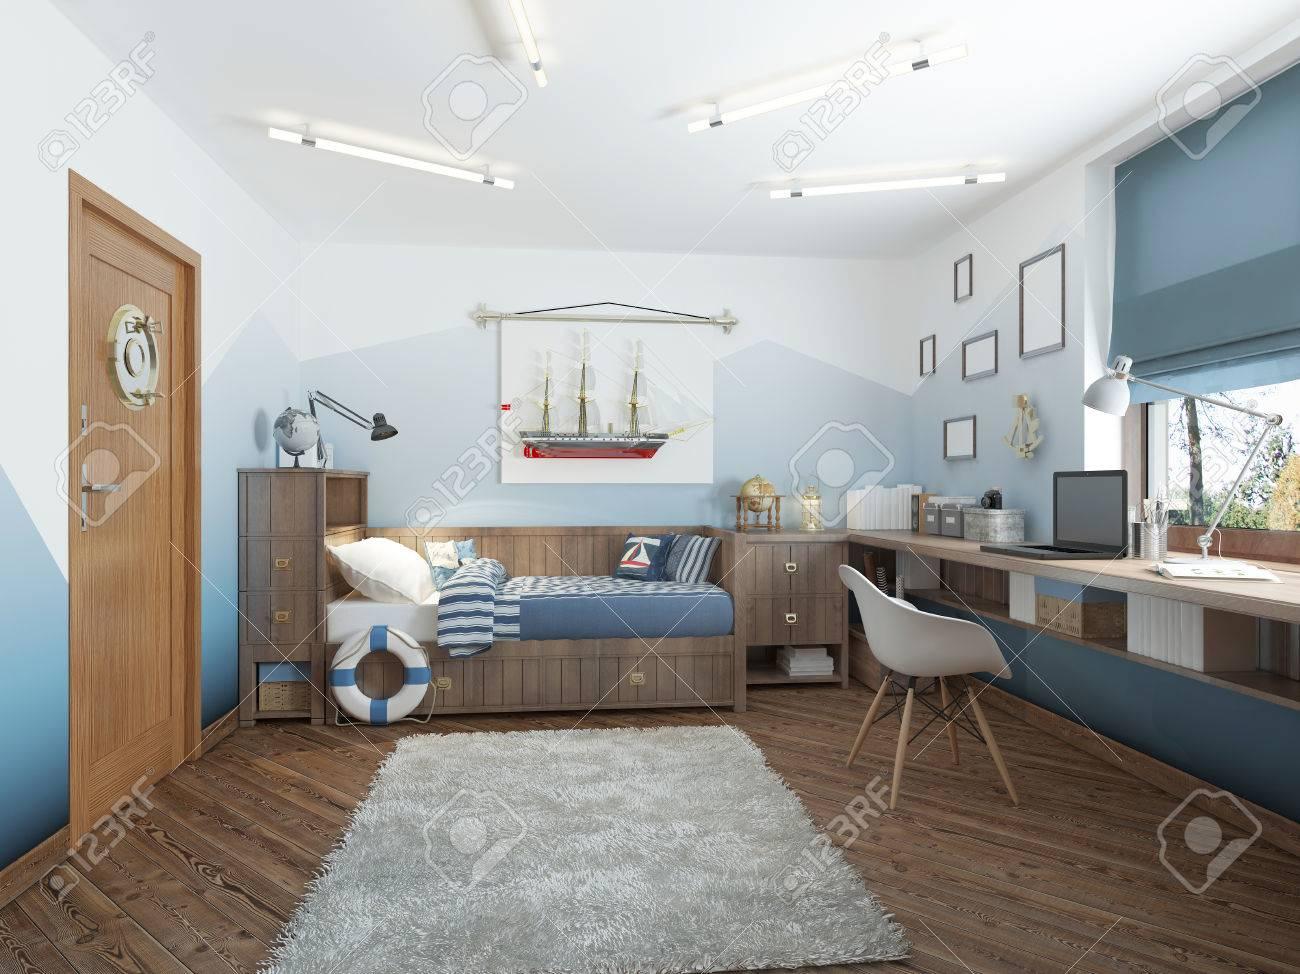 Moderne Kinderzimmer Für Einen Teenager Im Nautischen Stil Mit ...